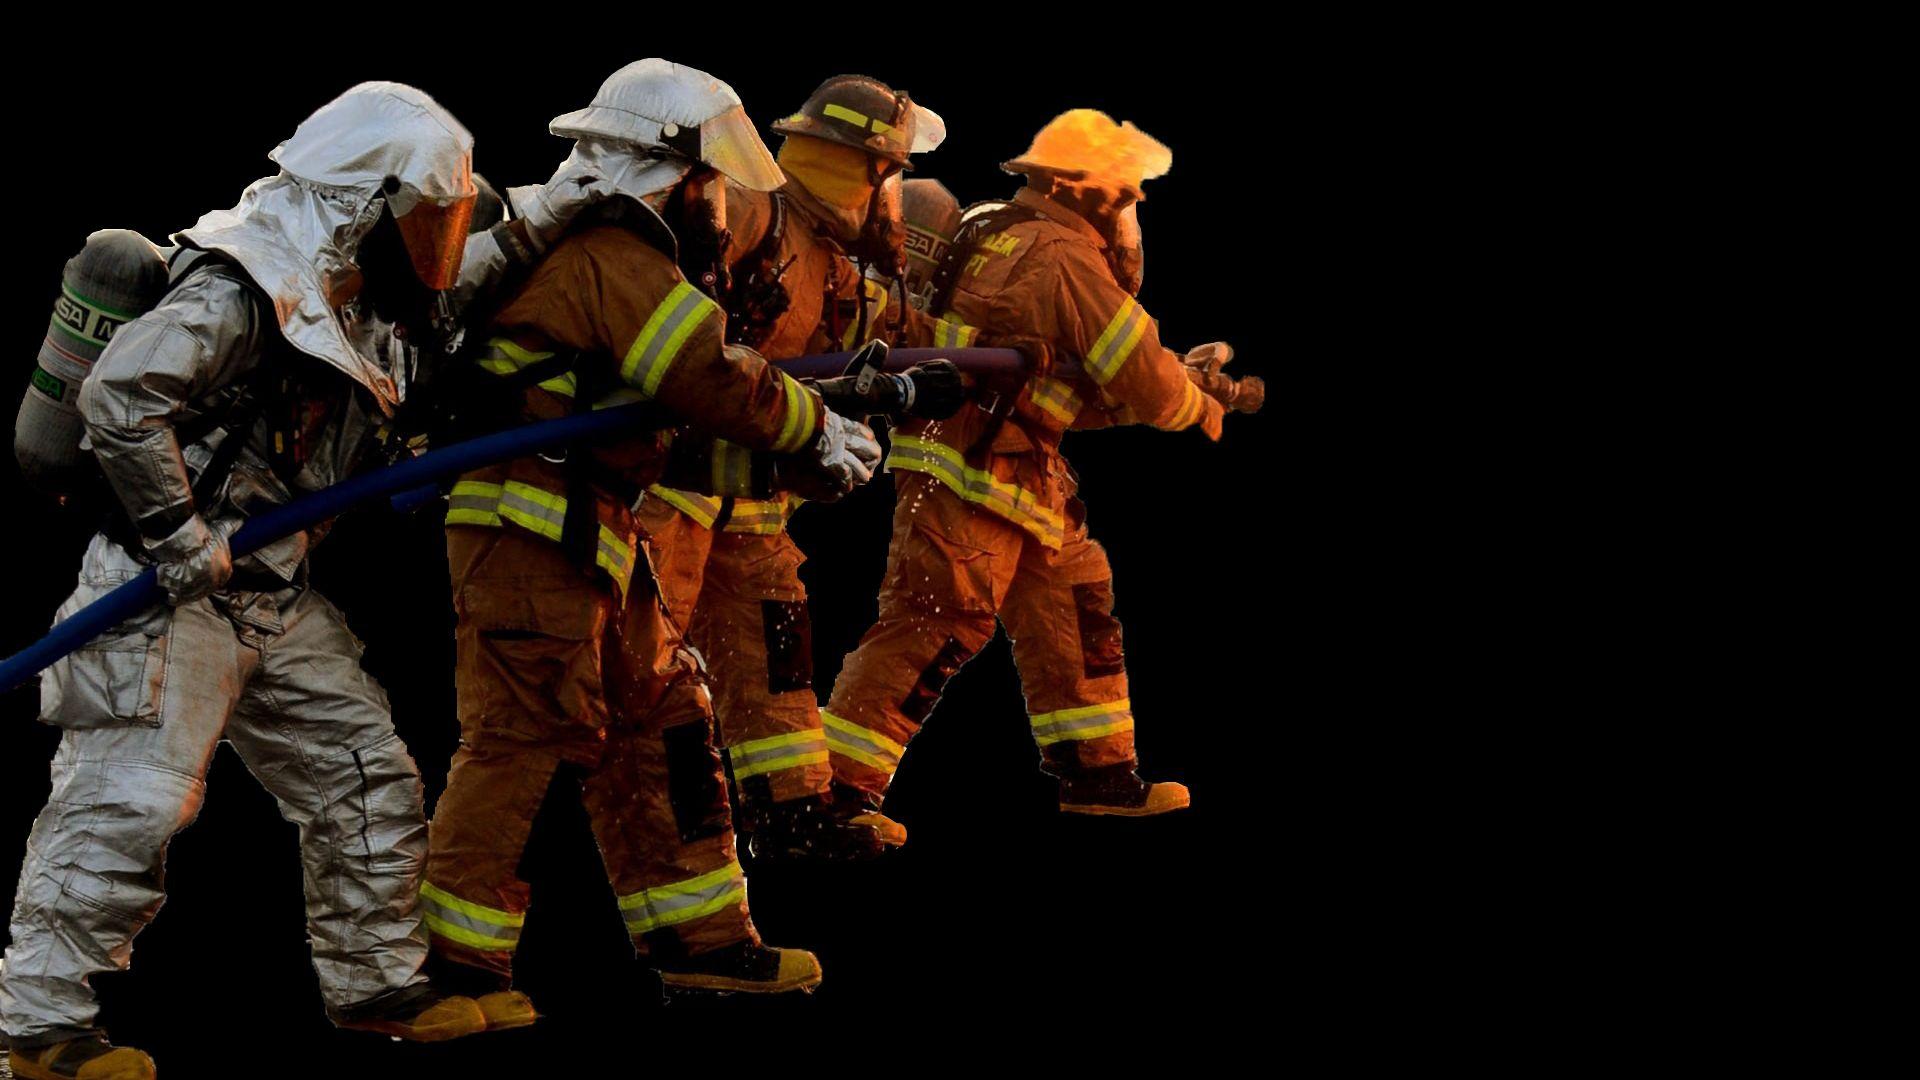 Firefighter Wallpaper Image